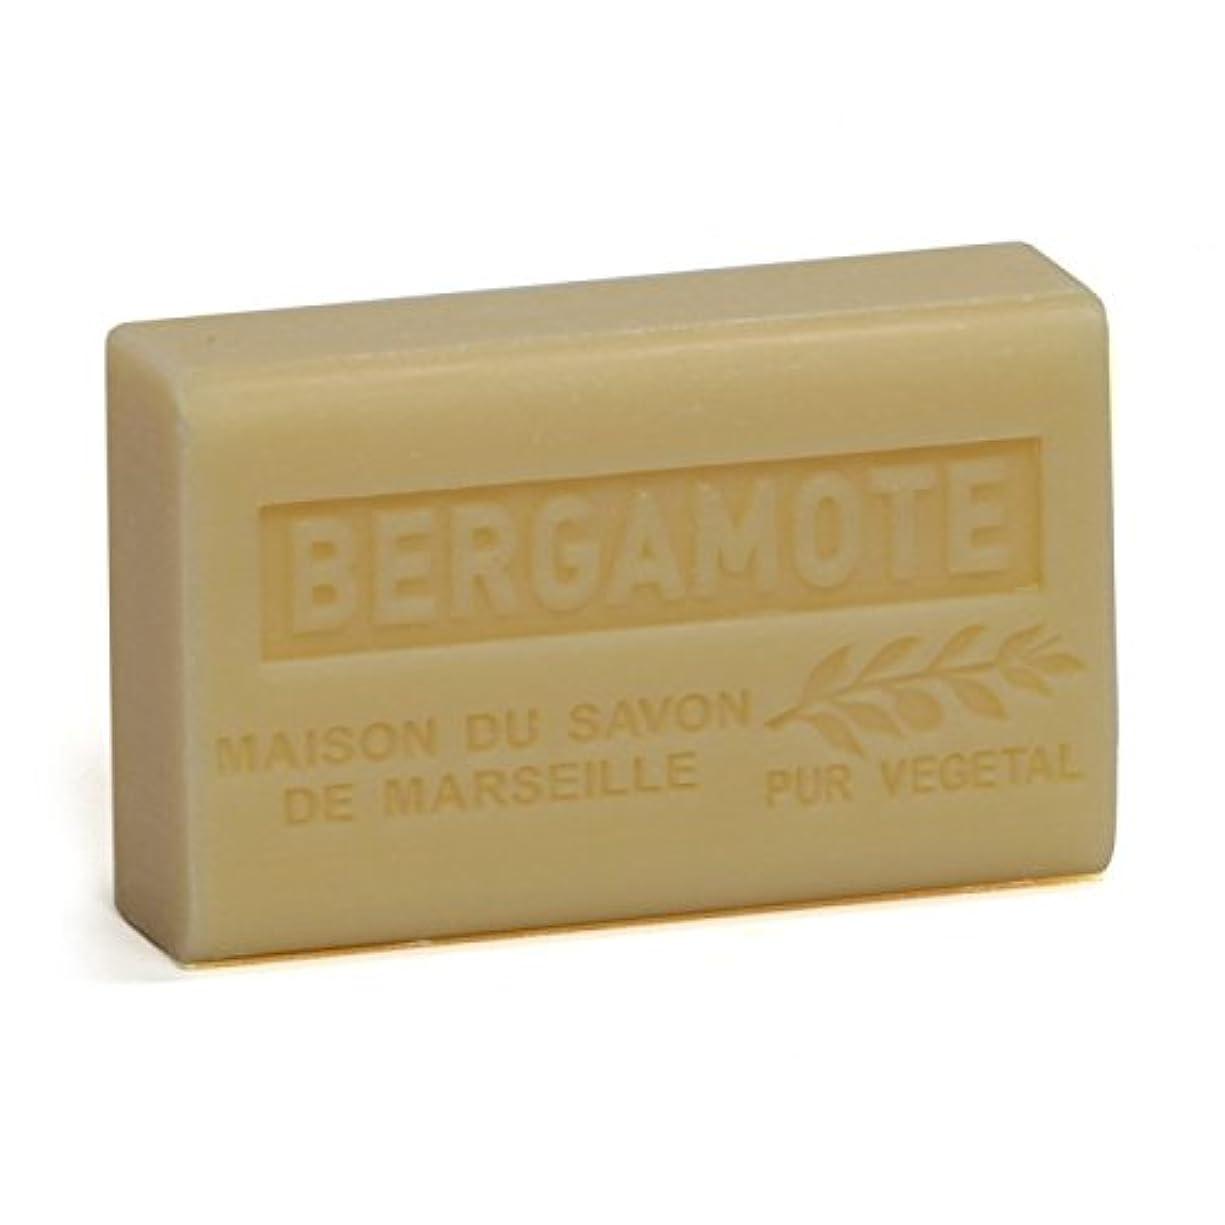 スマッシュほのめかすバケットSavon de Marseille Soap Bergamot Shea Butter 125g